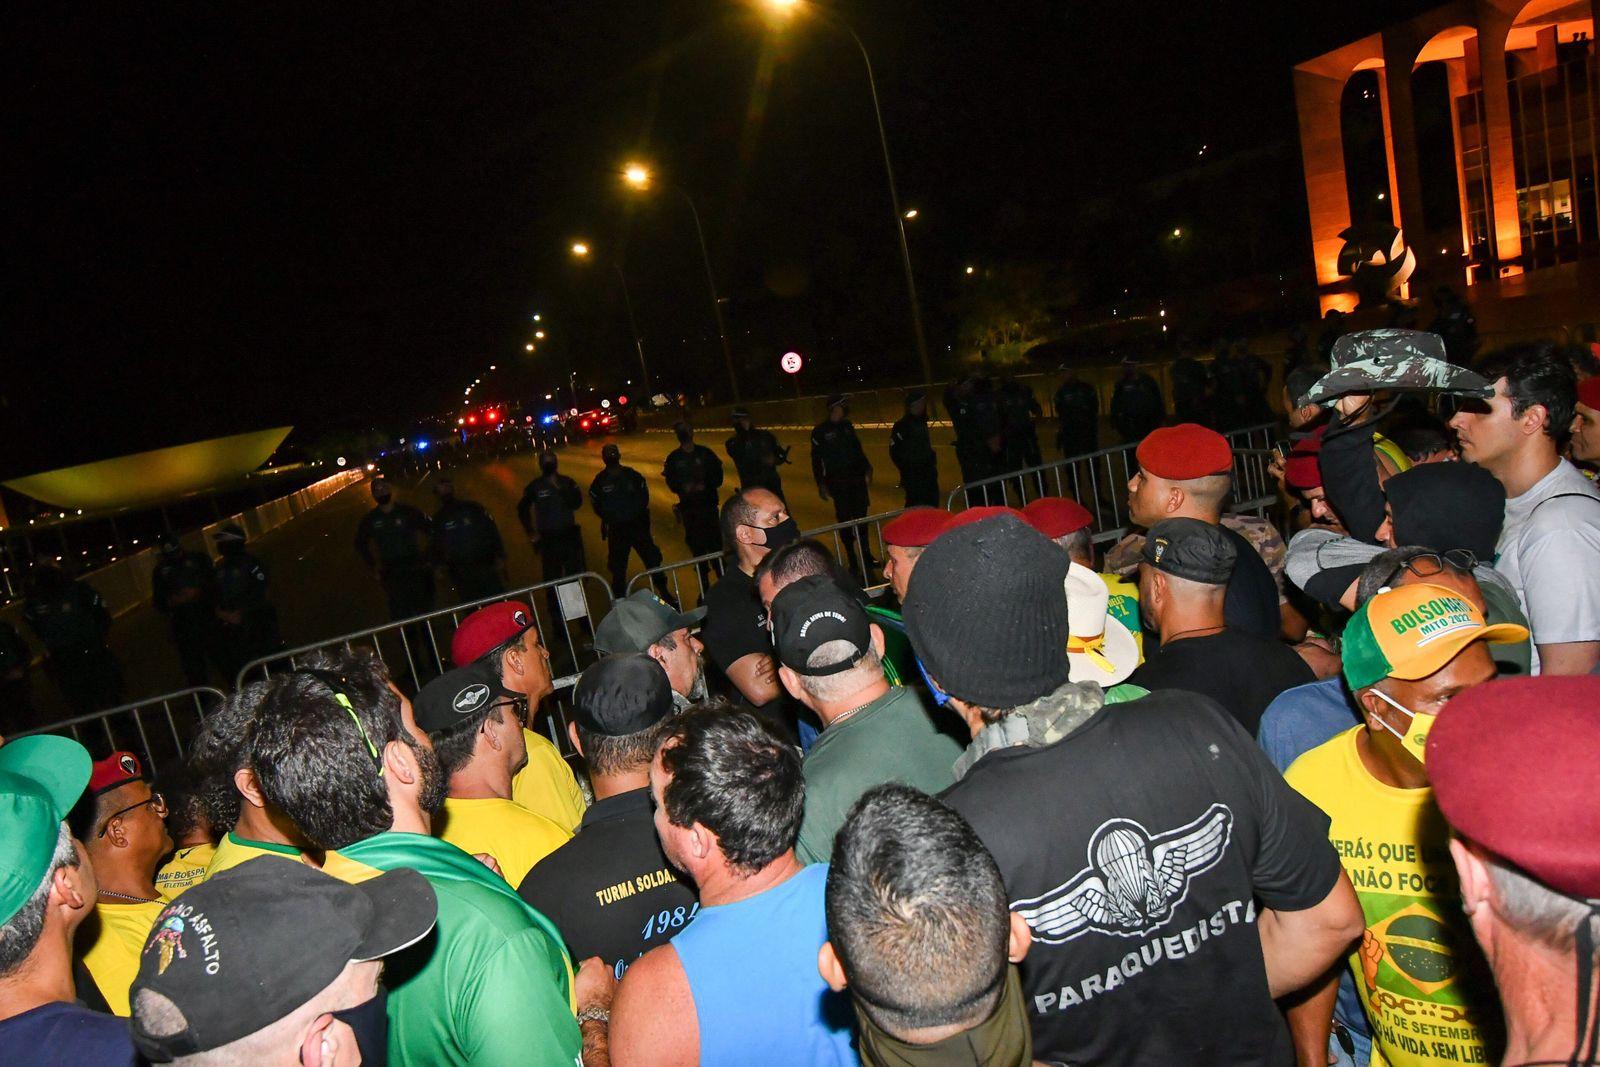 BRASÍLIA, DF - 06.09.2021: APOIADORES ATOS 7 DE SETEMBRO - This Monday (06) supporters of President Jair Bolsonaro, begi